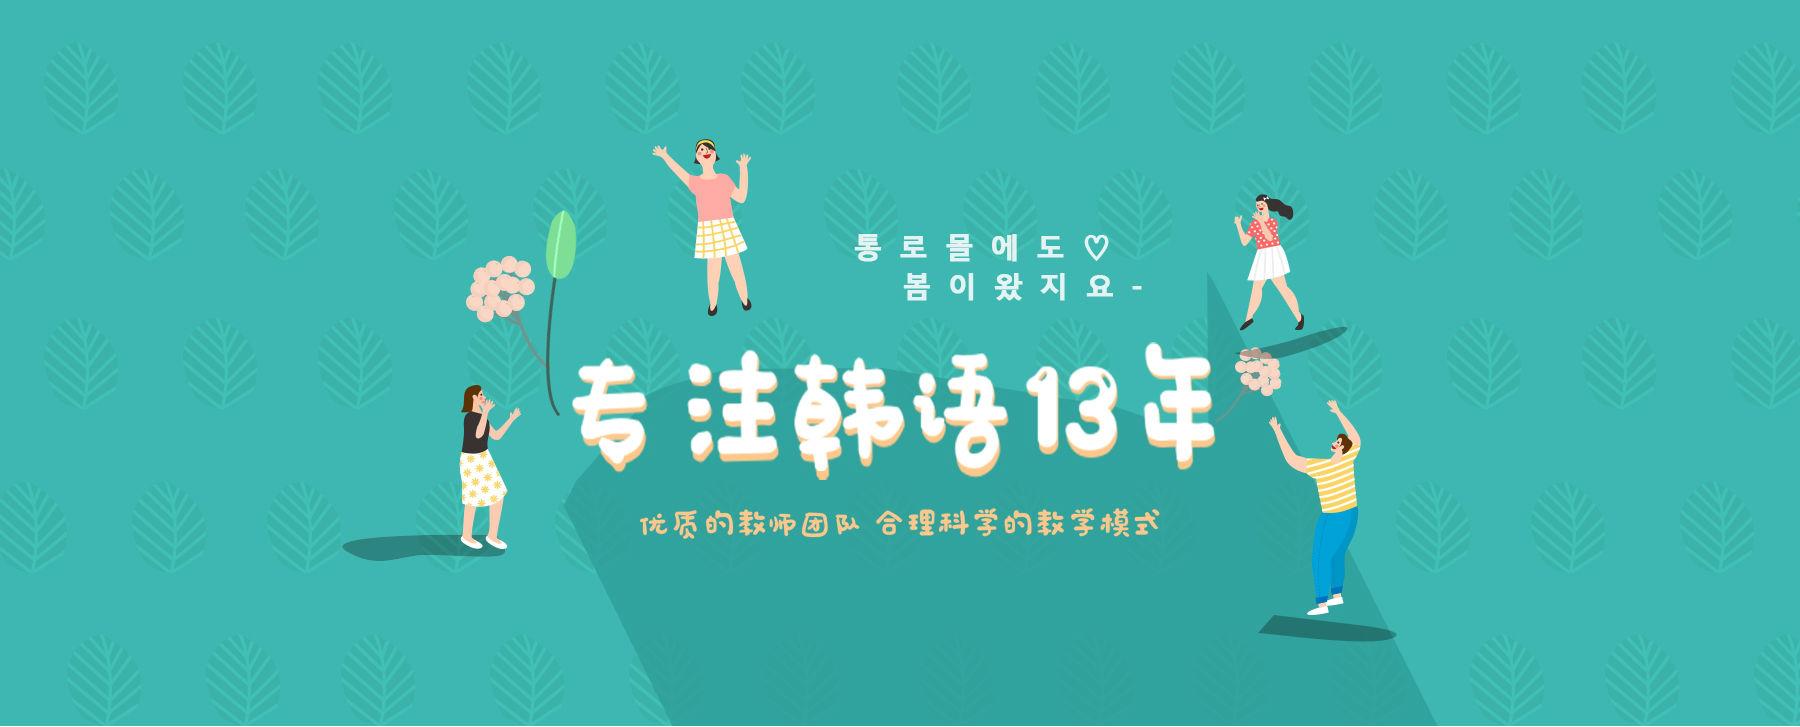 東莞蒲公英日語培訓學校